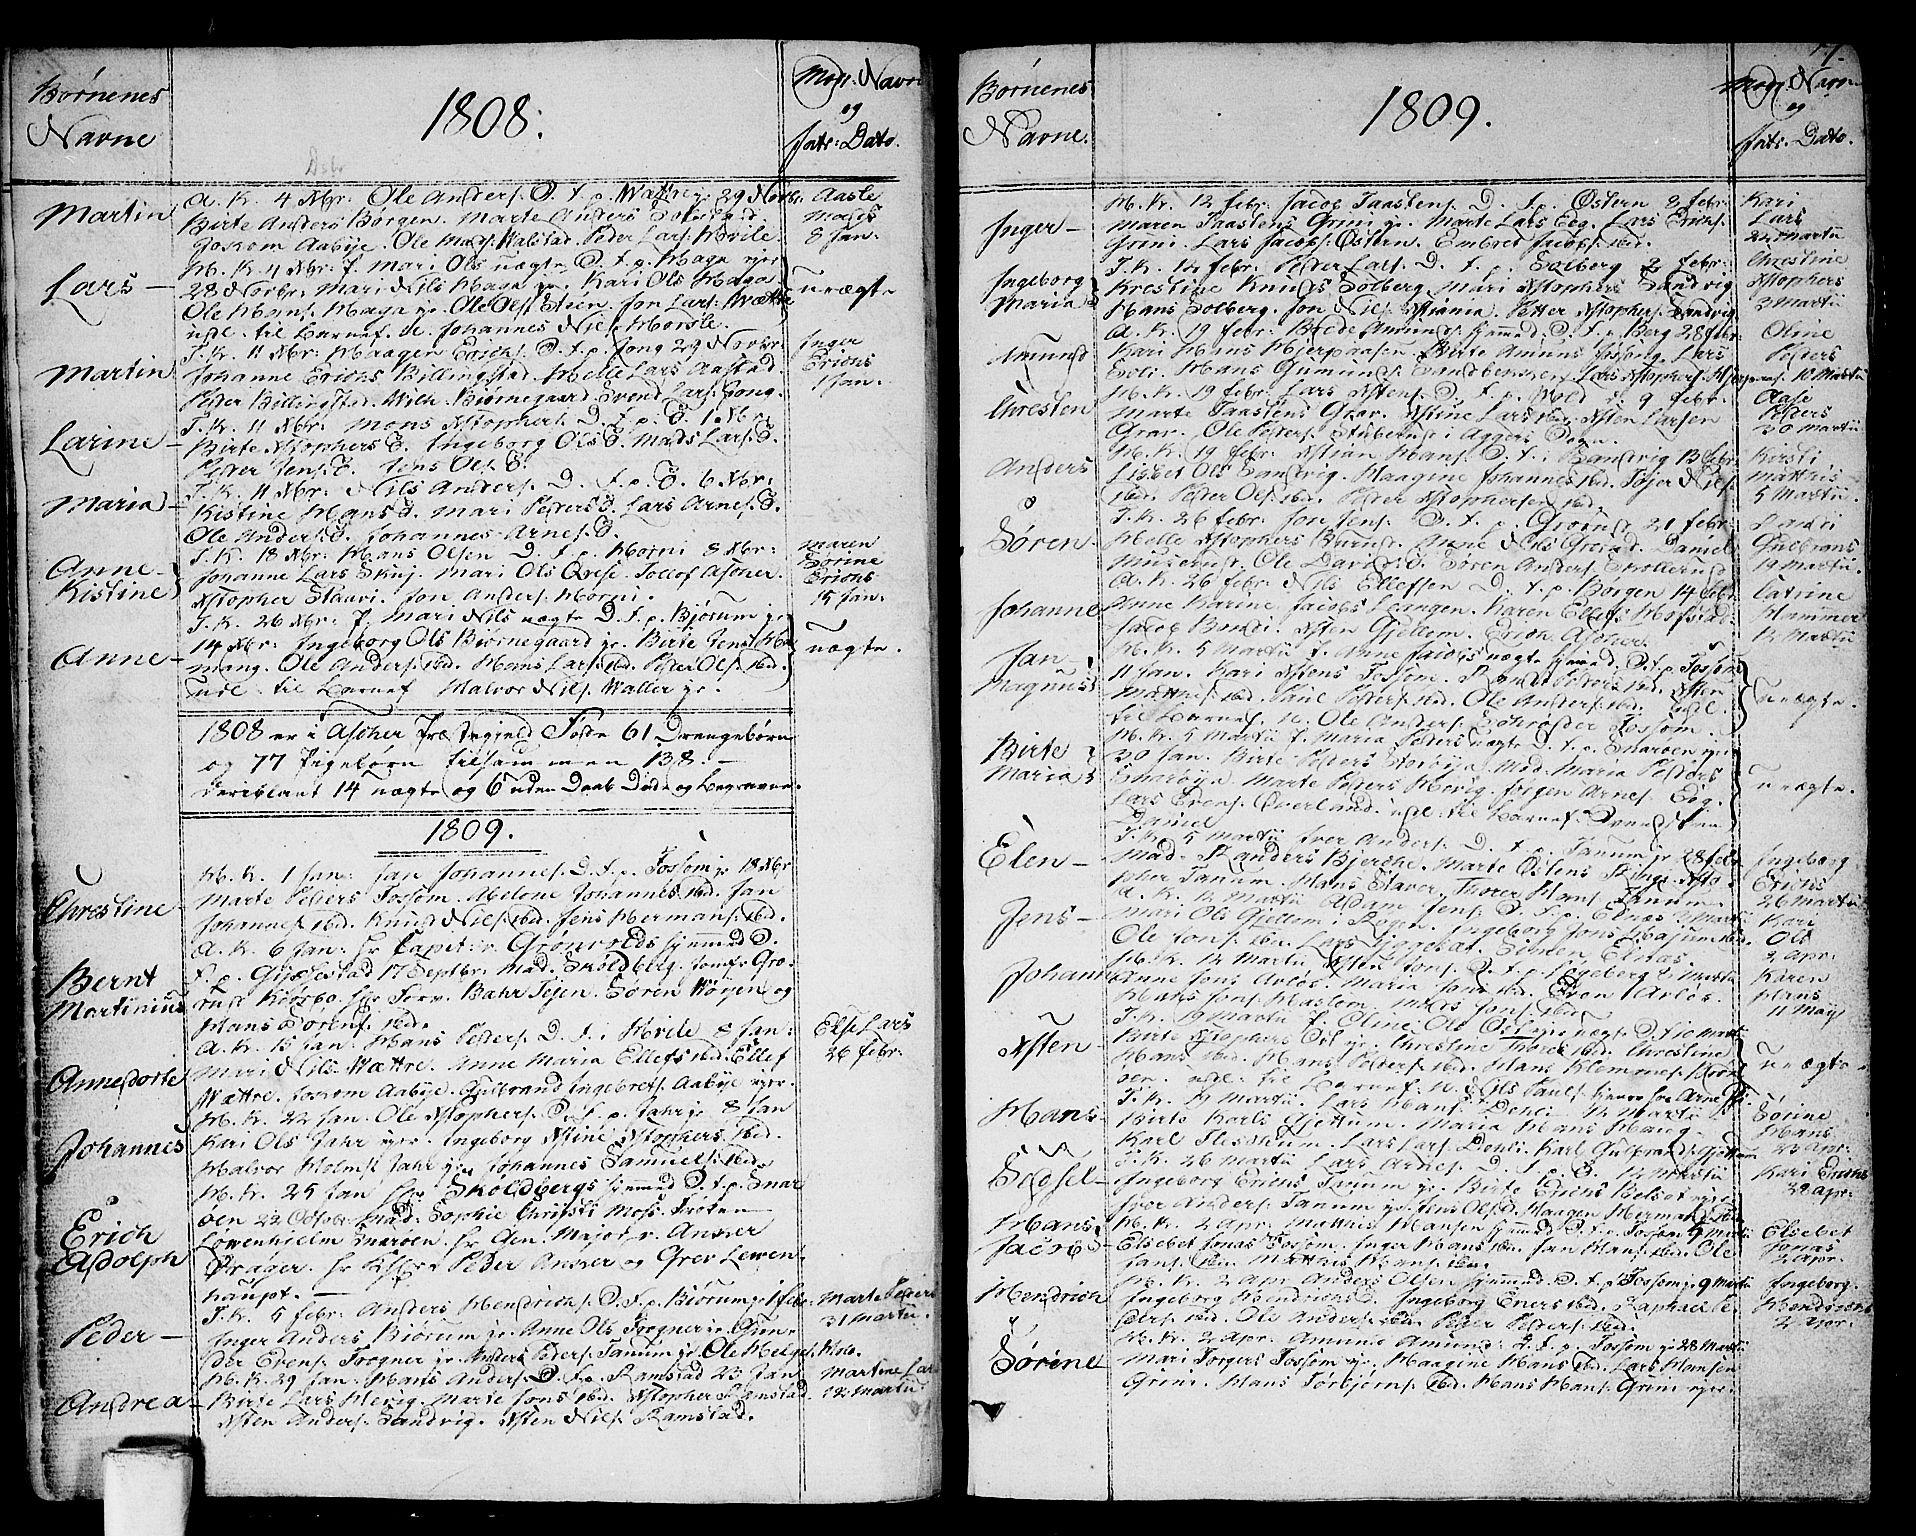 SAO, Asker prestekontor Kirkebøker, F/Fa/L0005: Ministerialbok nr. I 5, 1807-1813, s. 7